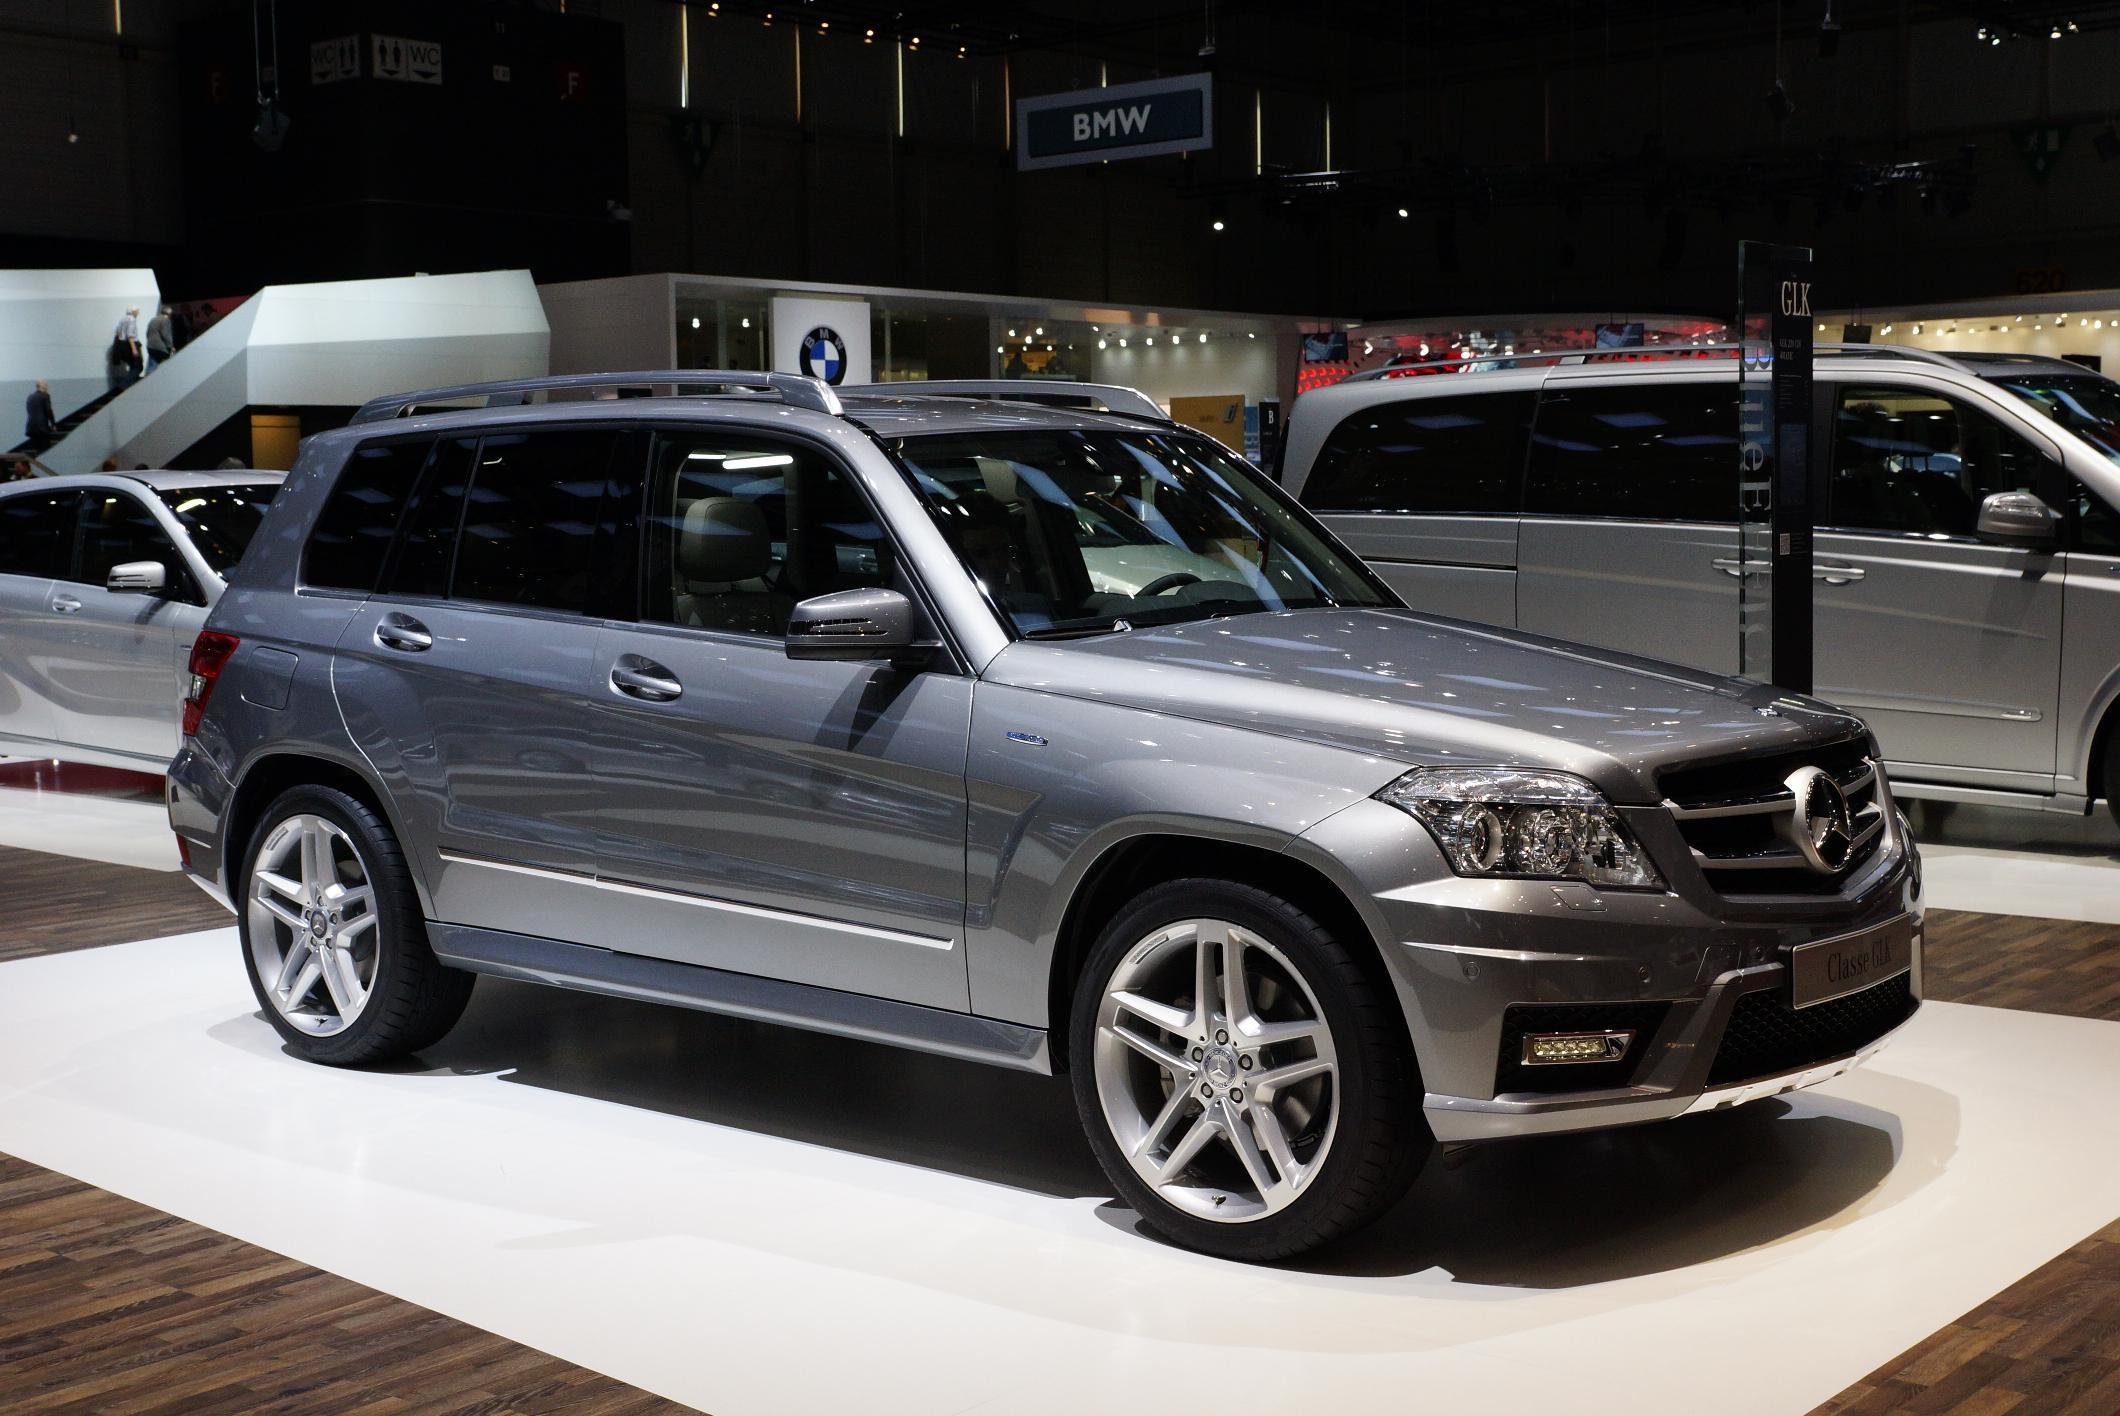 Mercedes GLK Geneva 2012